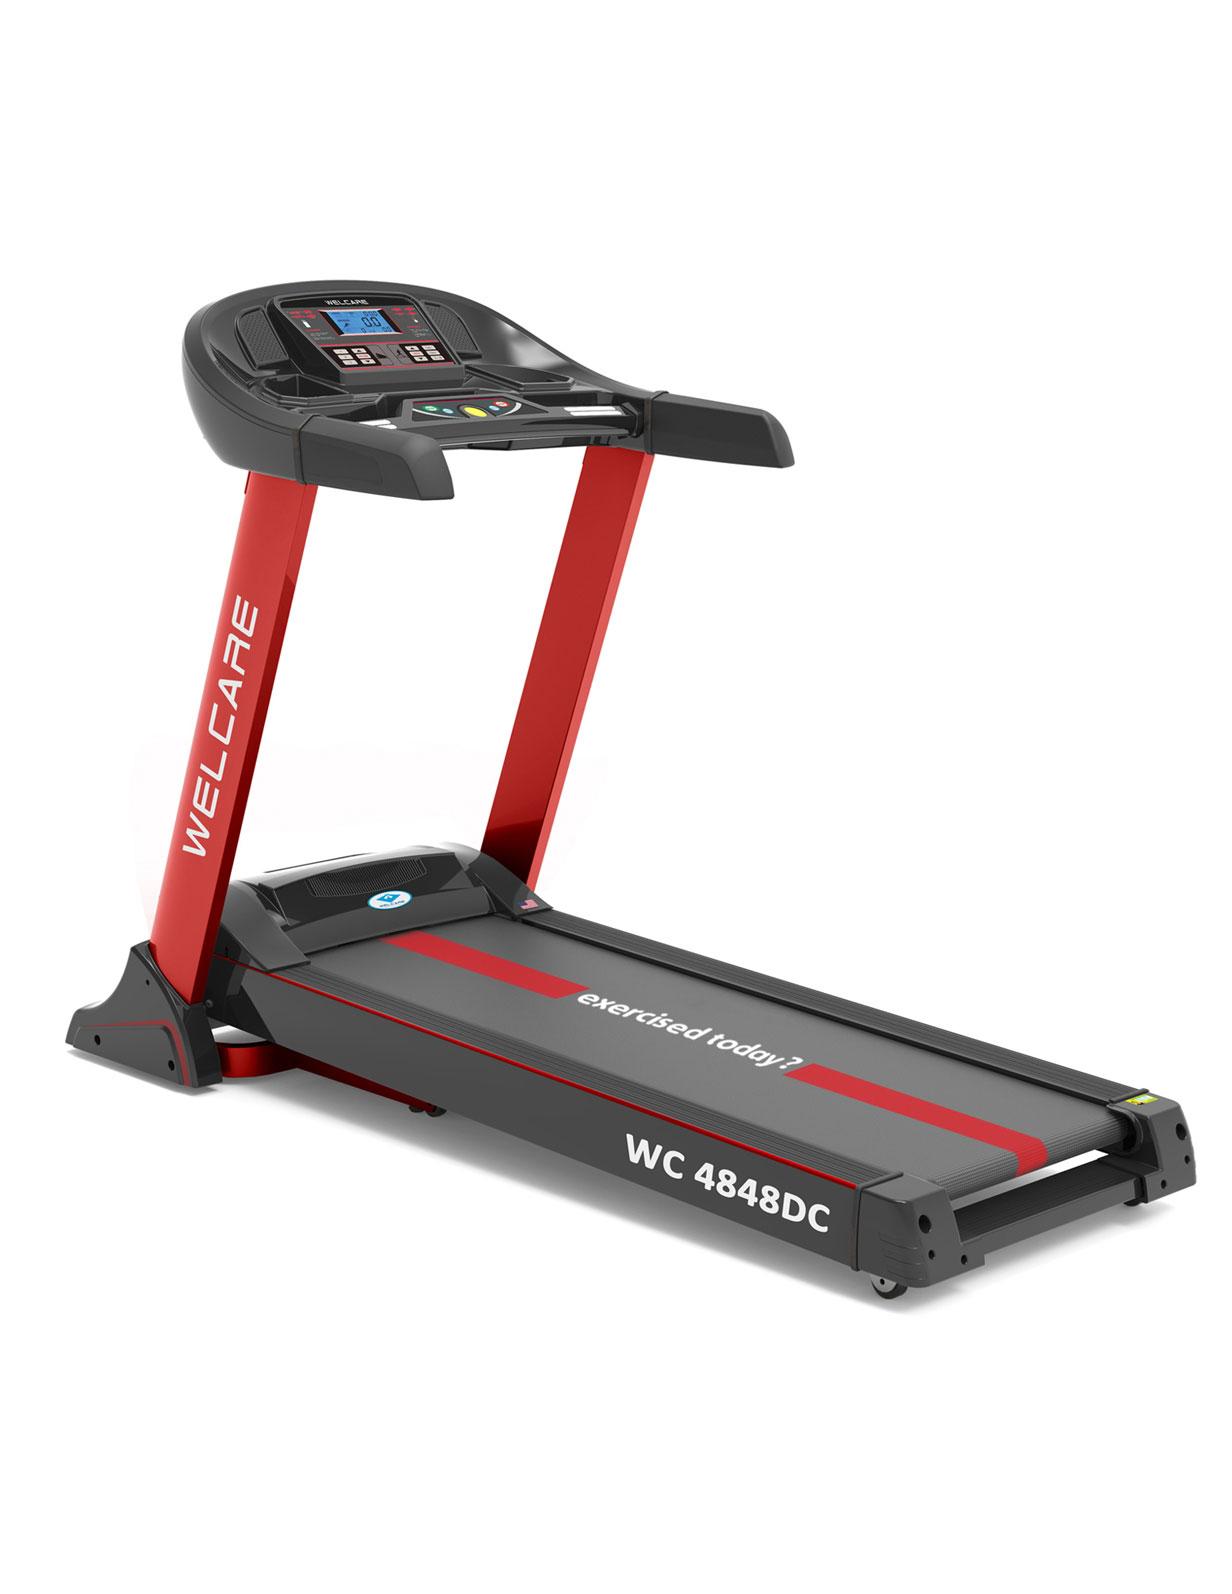 WC 4848DC Treadmill